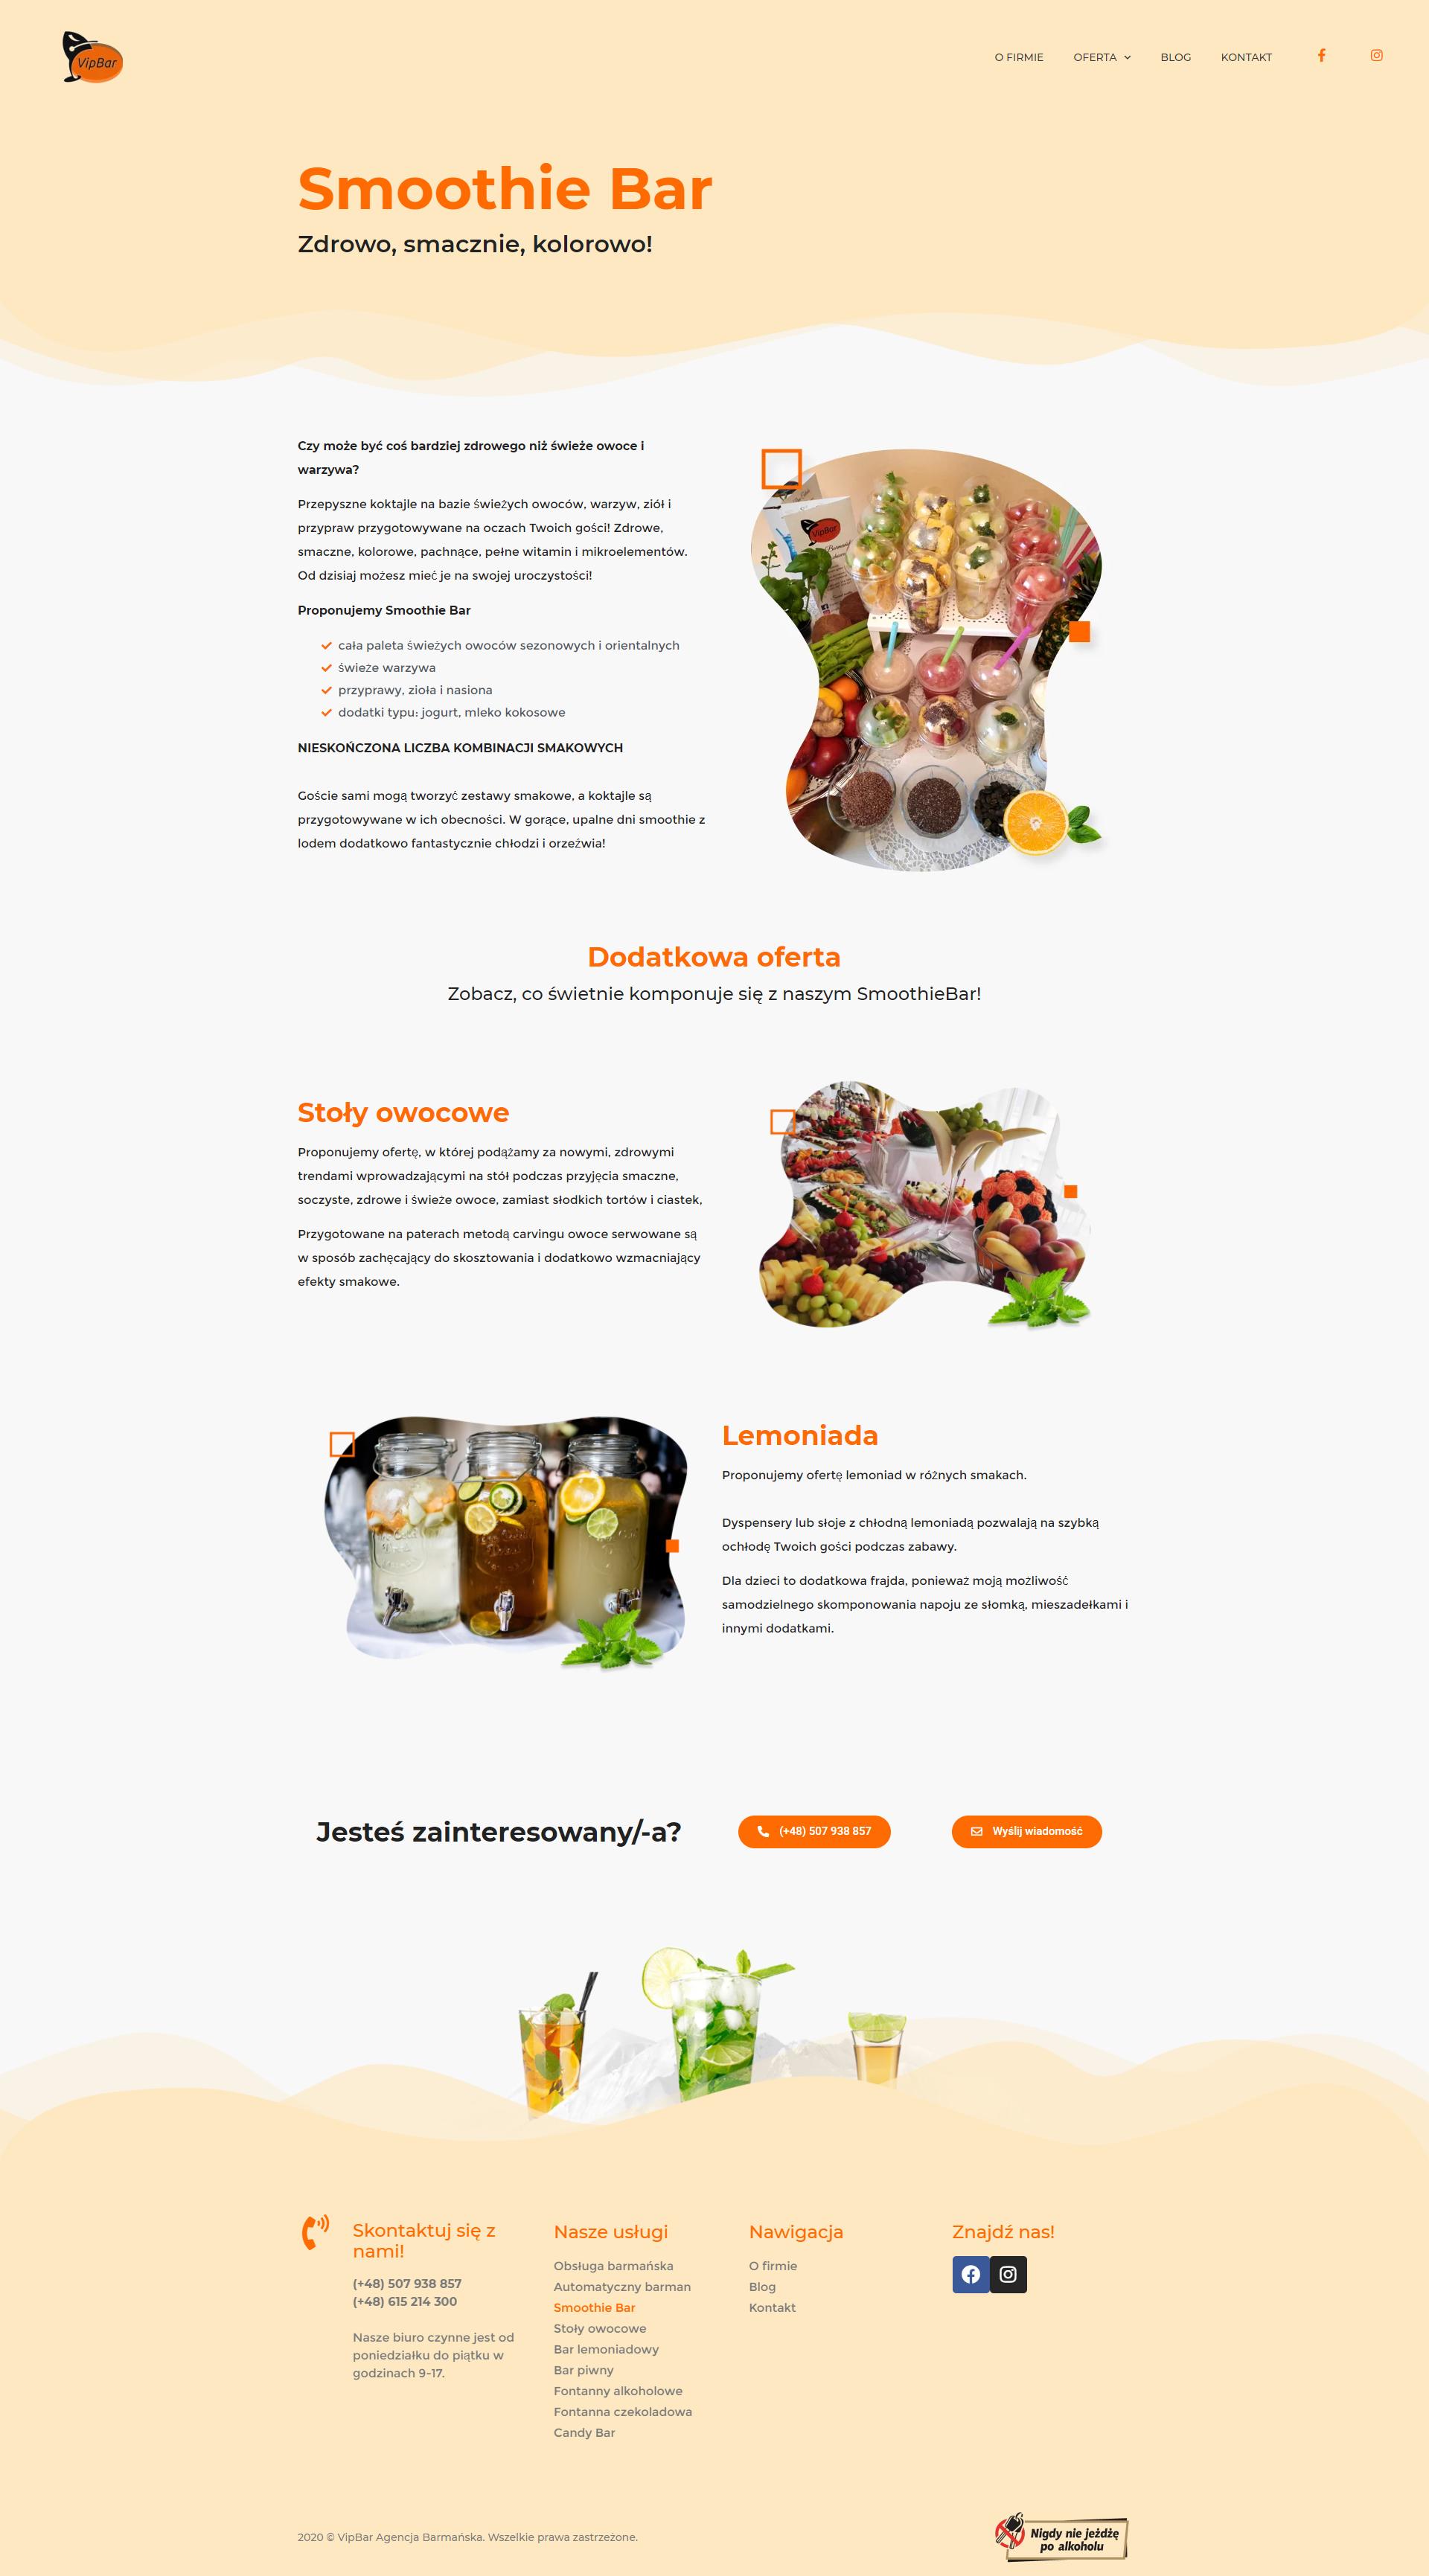 wizualizacja strony internetowej